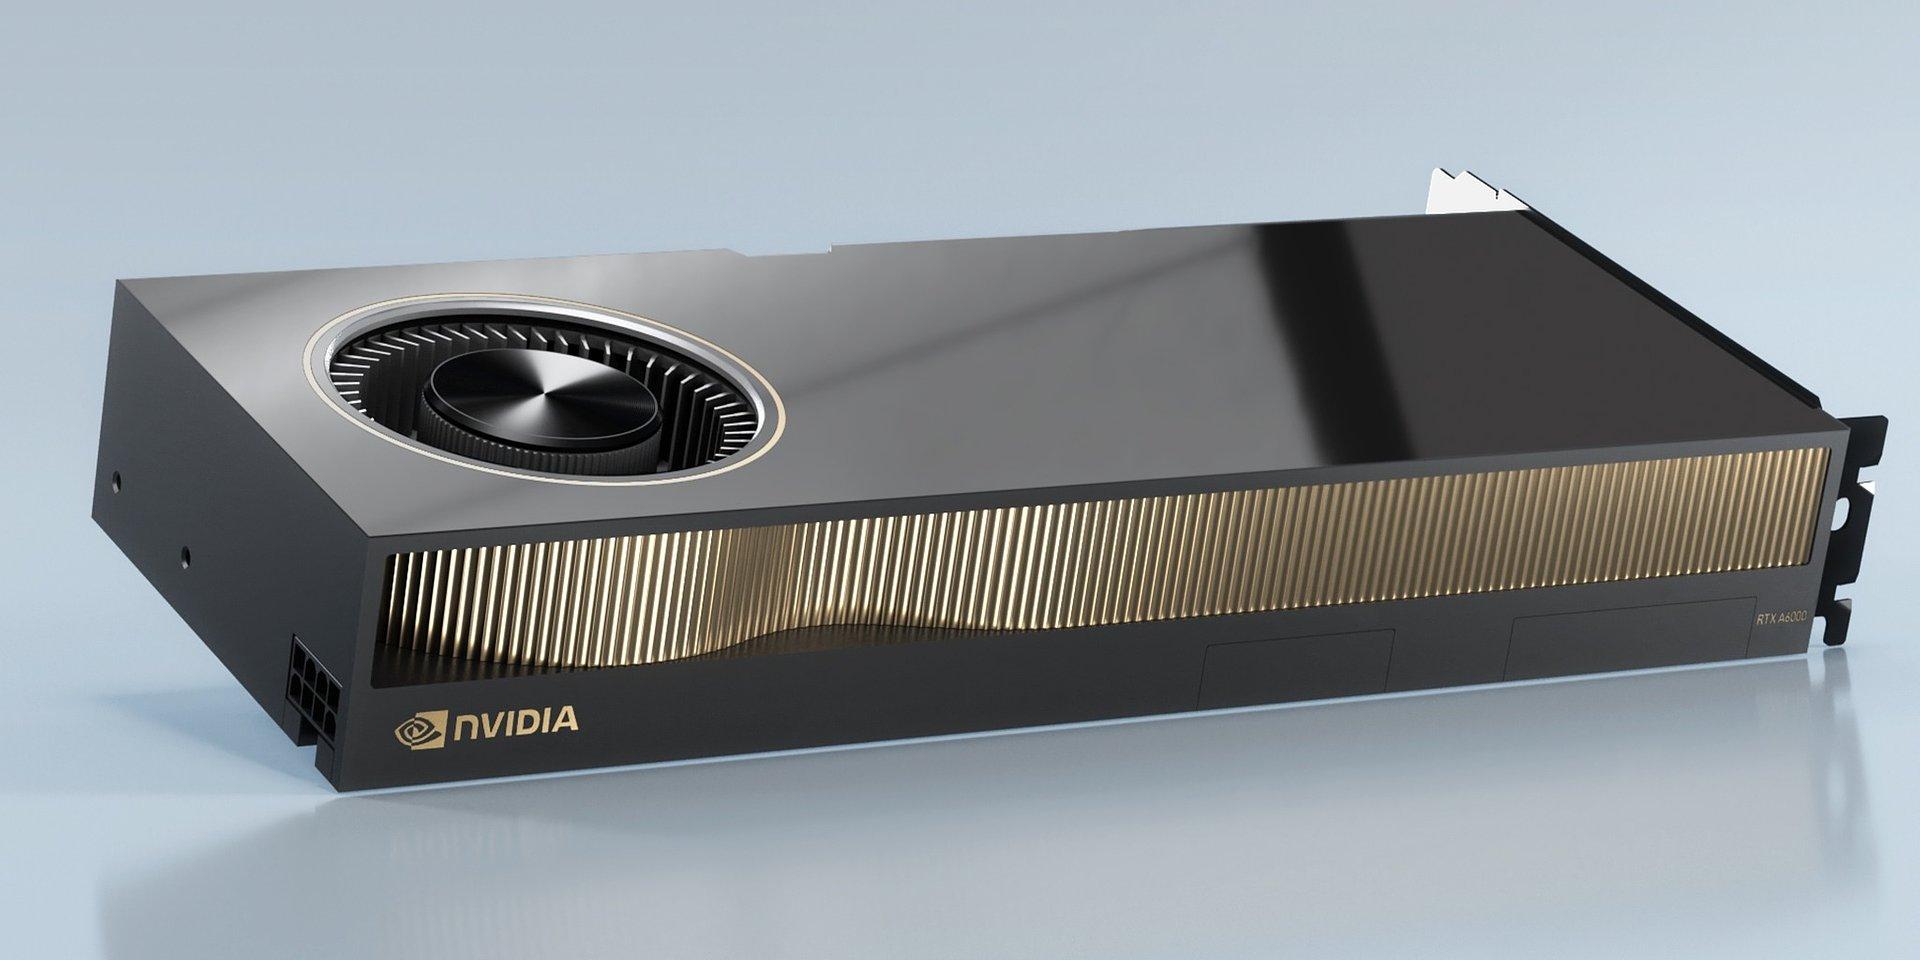 Компания PNY объявляет о поступлении в продажу своей новой профессиональной видеокарты NVIDIA® RTX A6000